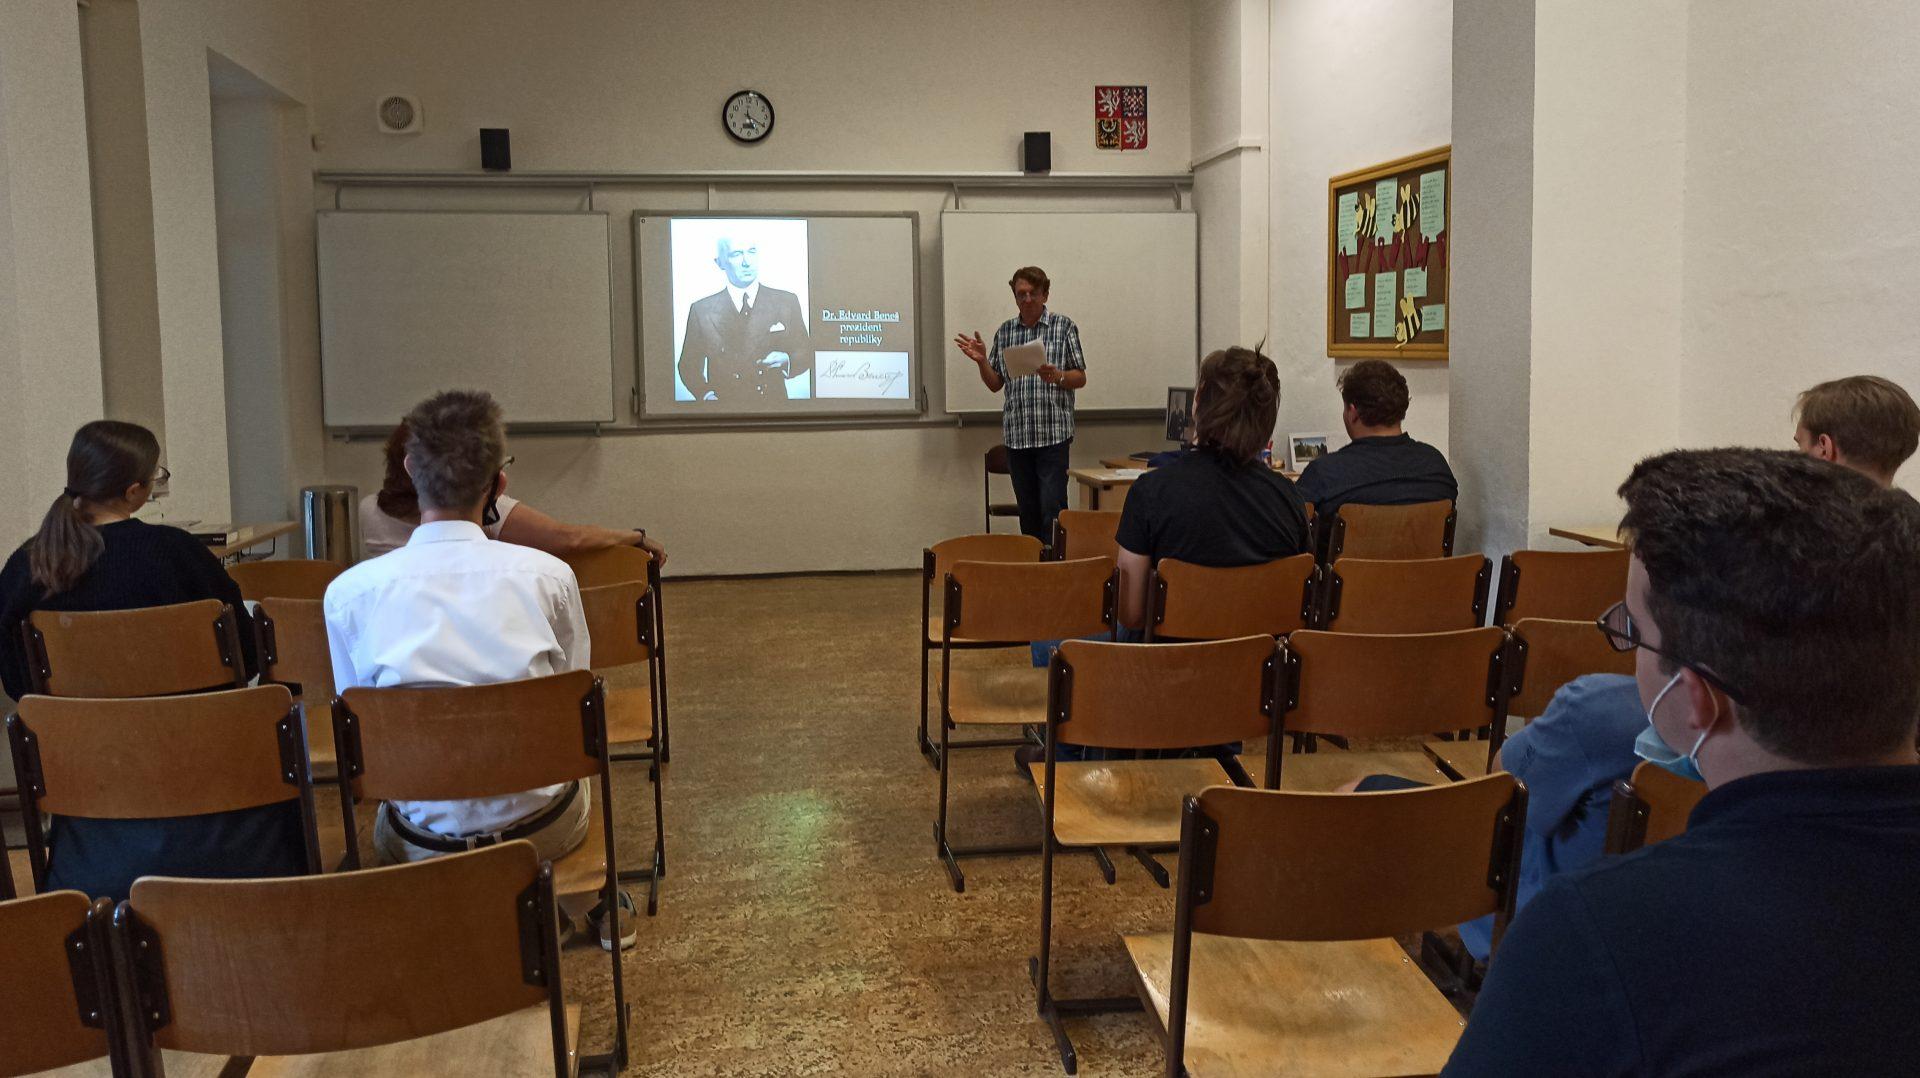 Přednášející Mgr. Ryjáček mluví o prezidentu Benešovi